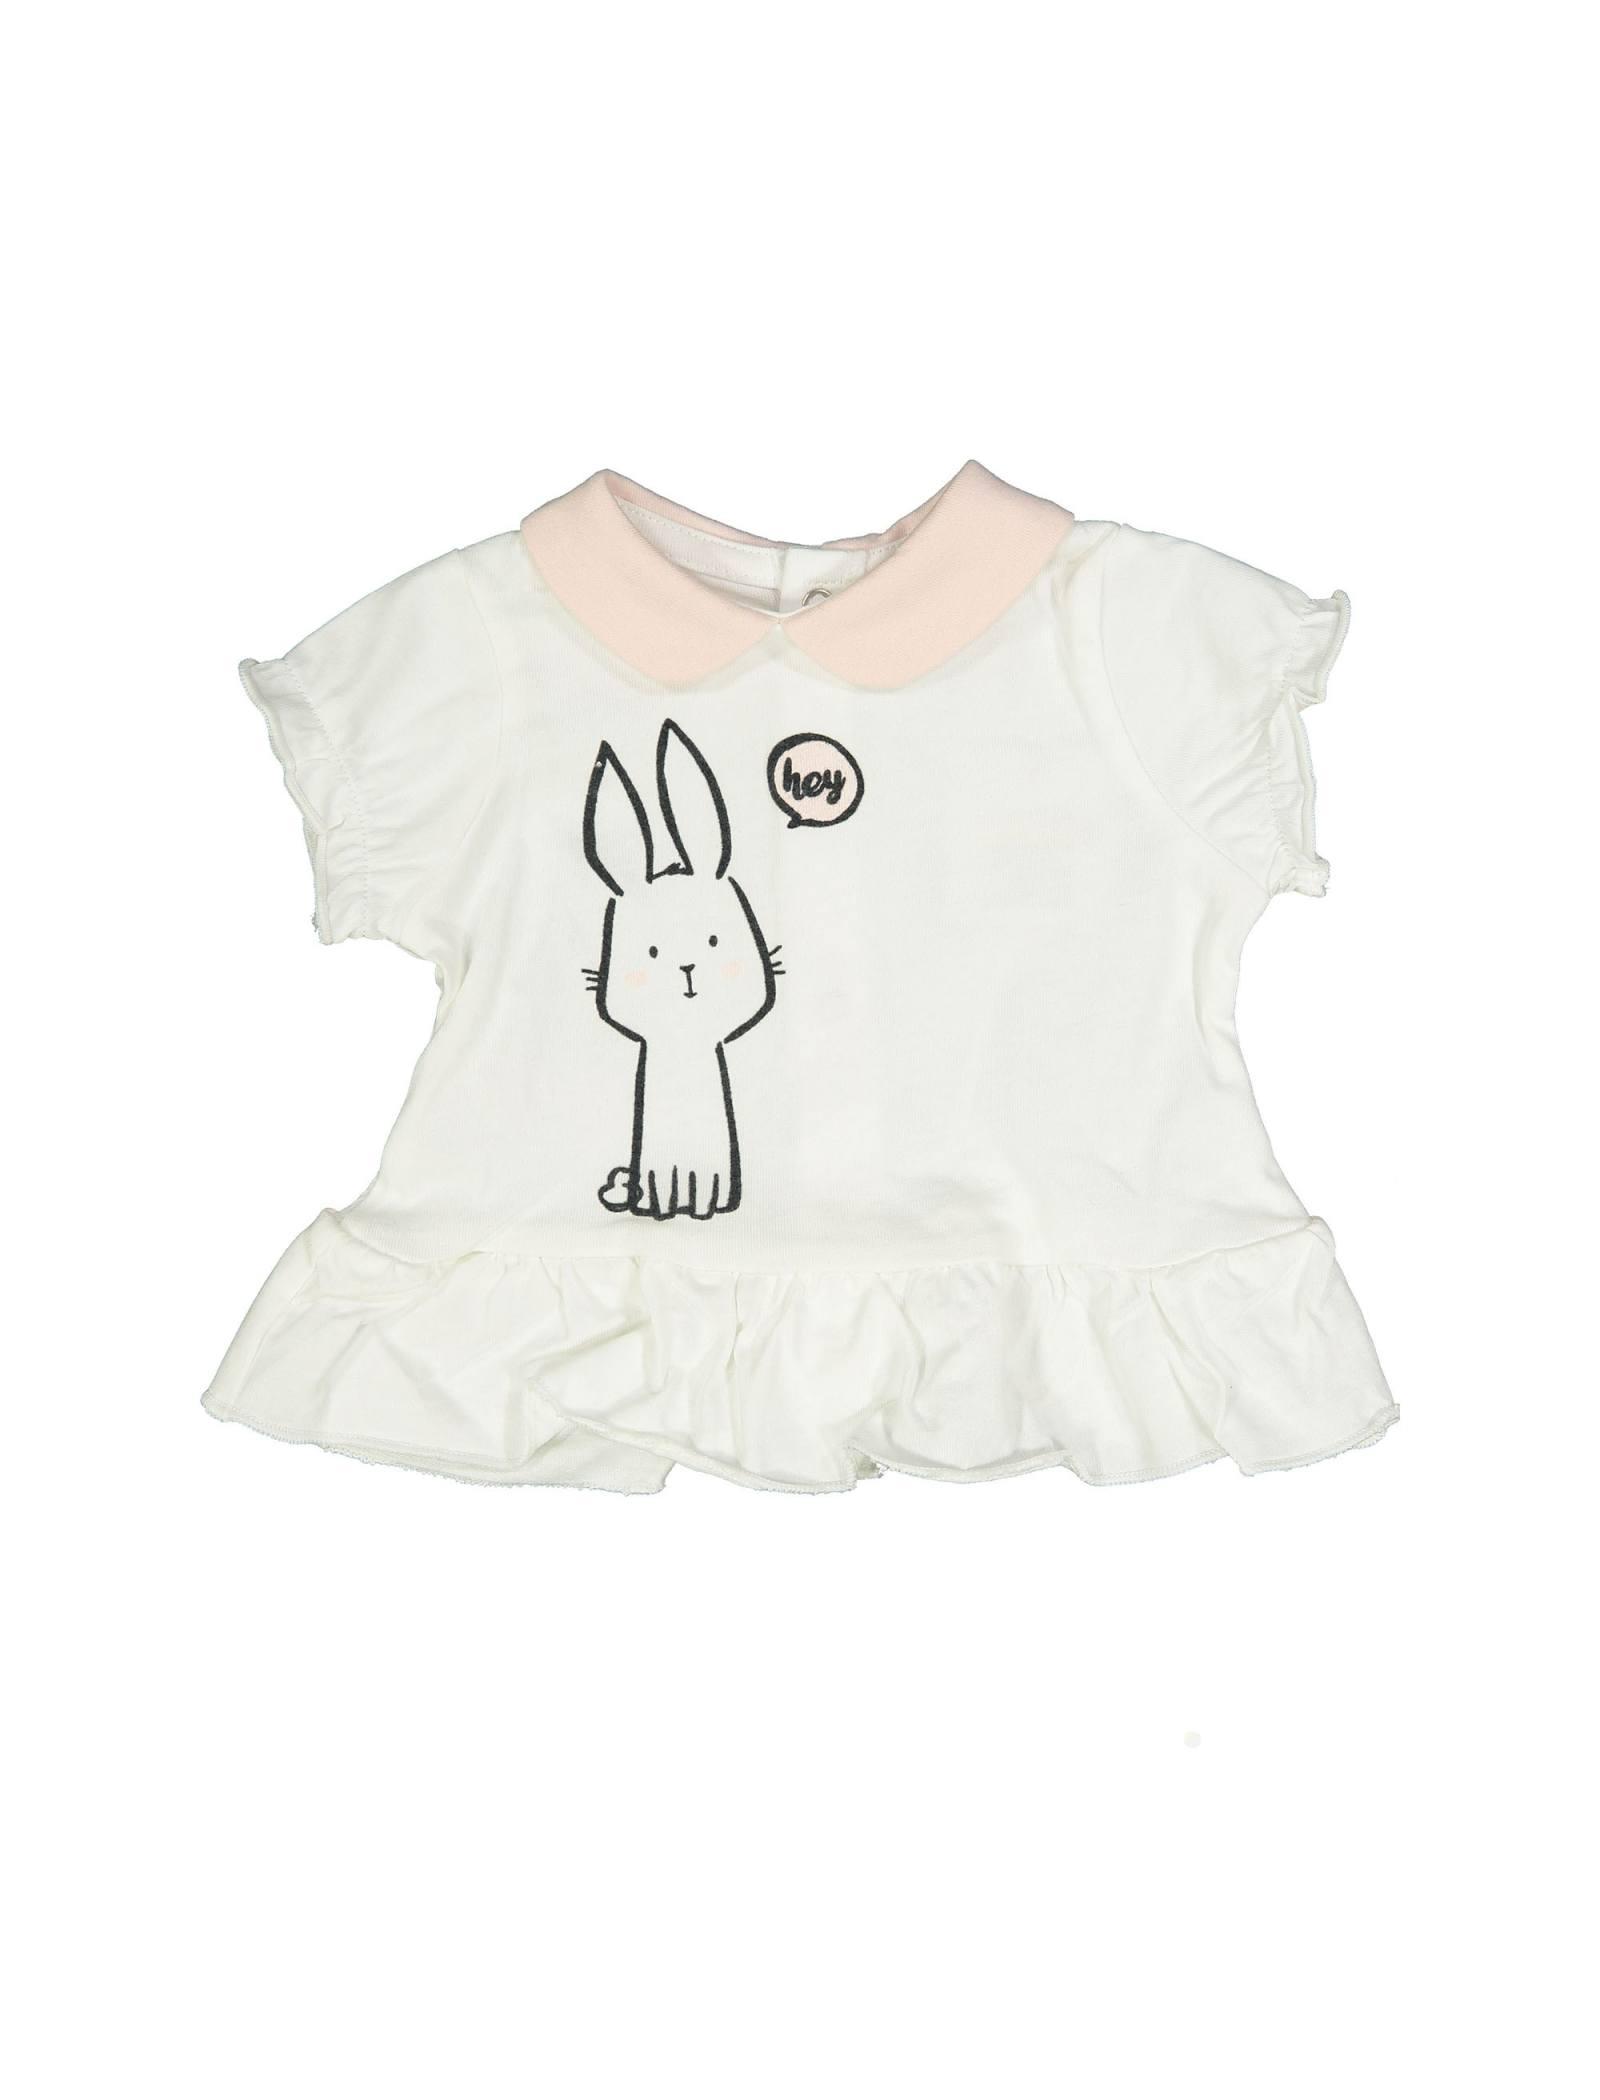 تی شرت و شلوارک نخی نوزادی دخترانه - بلوکیدز - سفيد/صورتي - 2